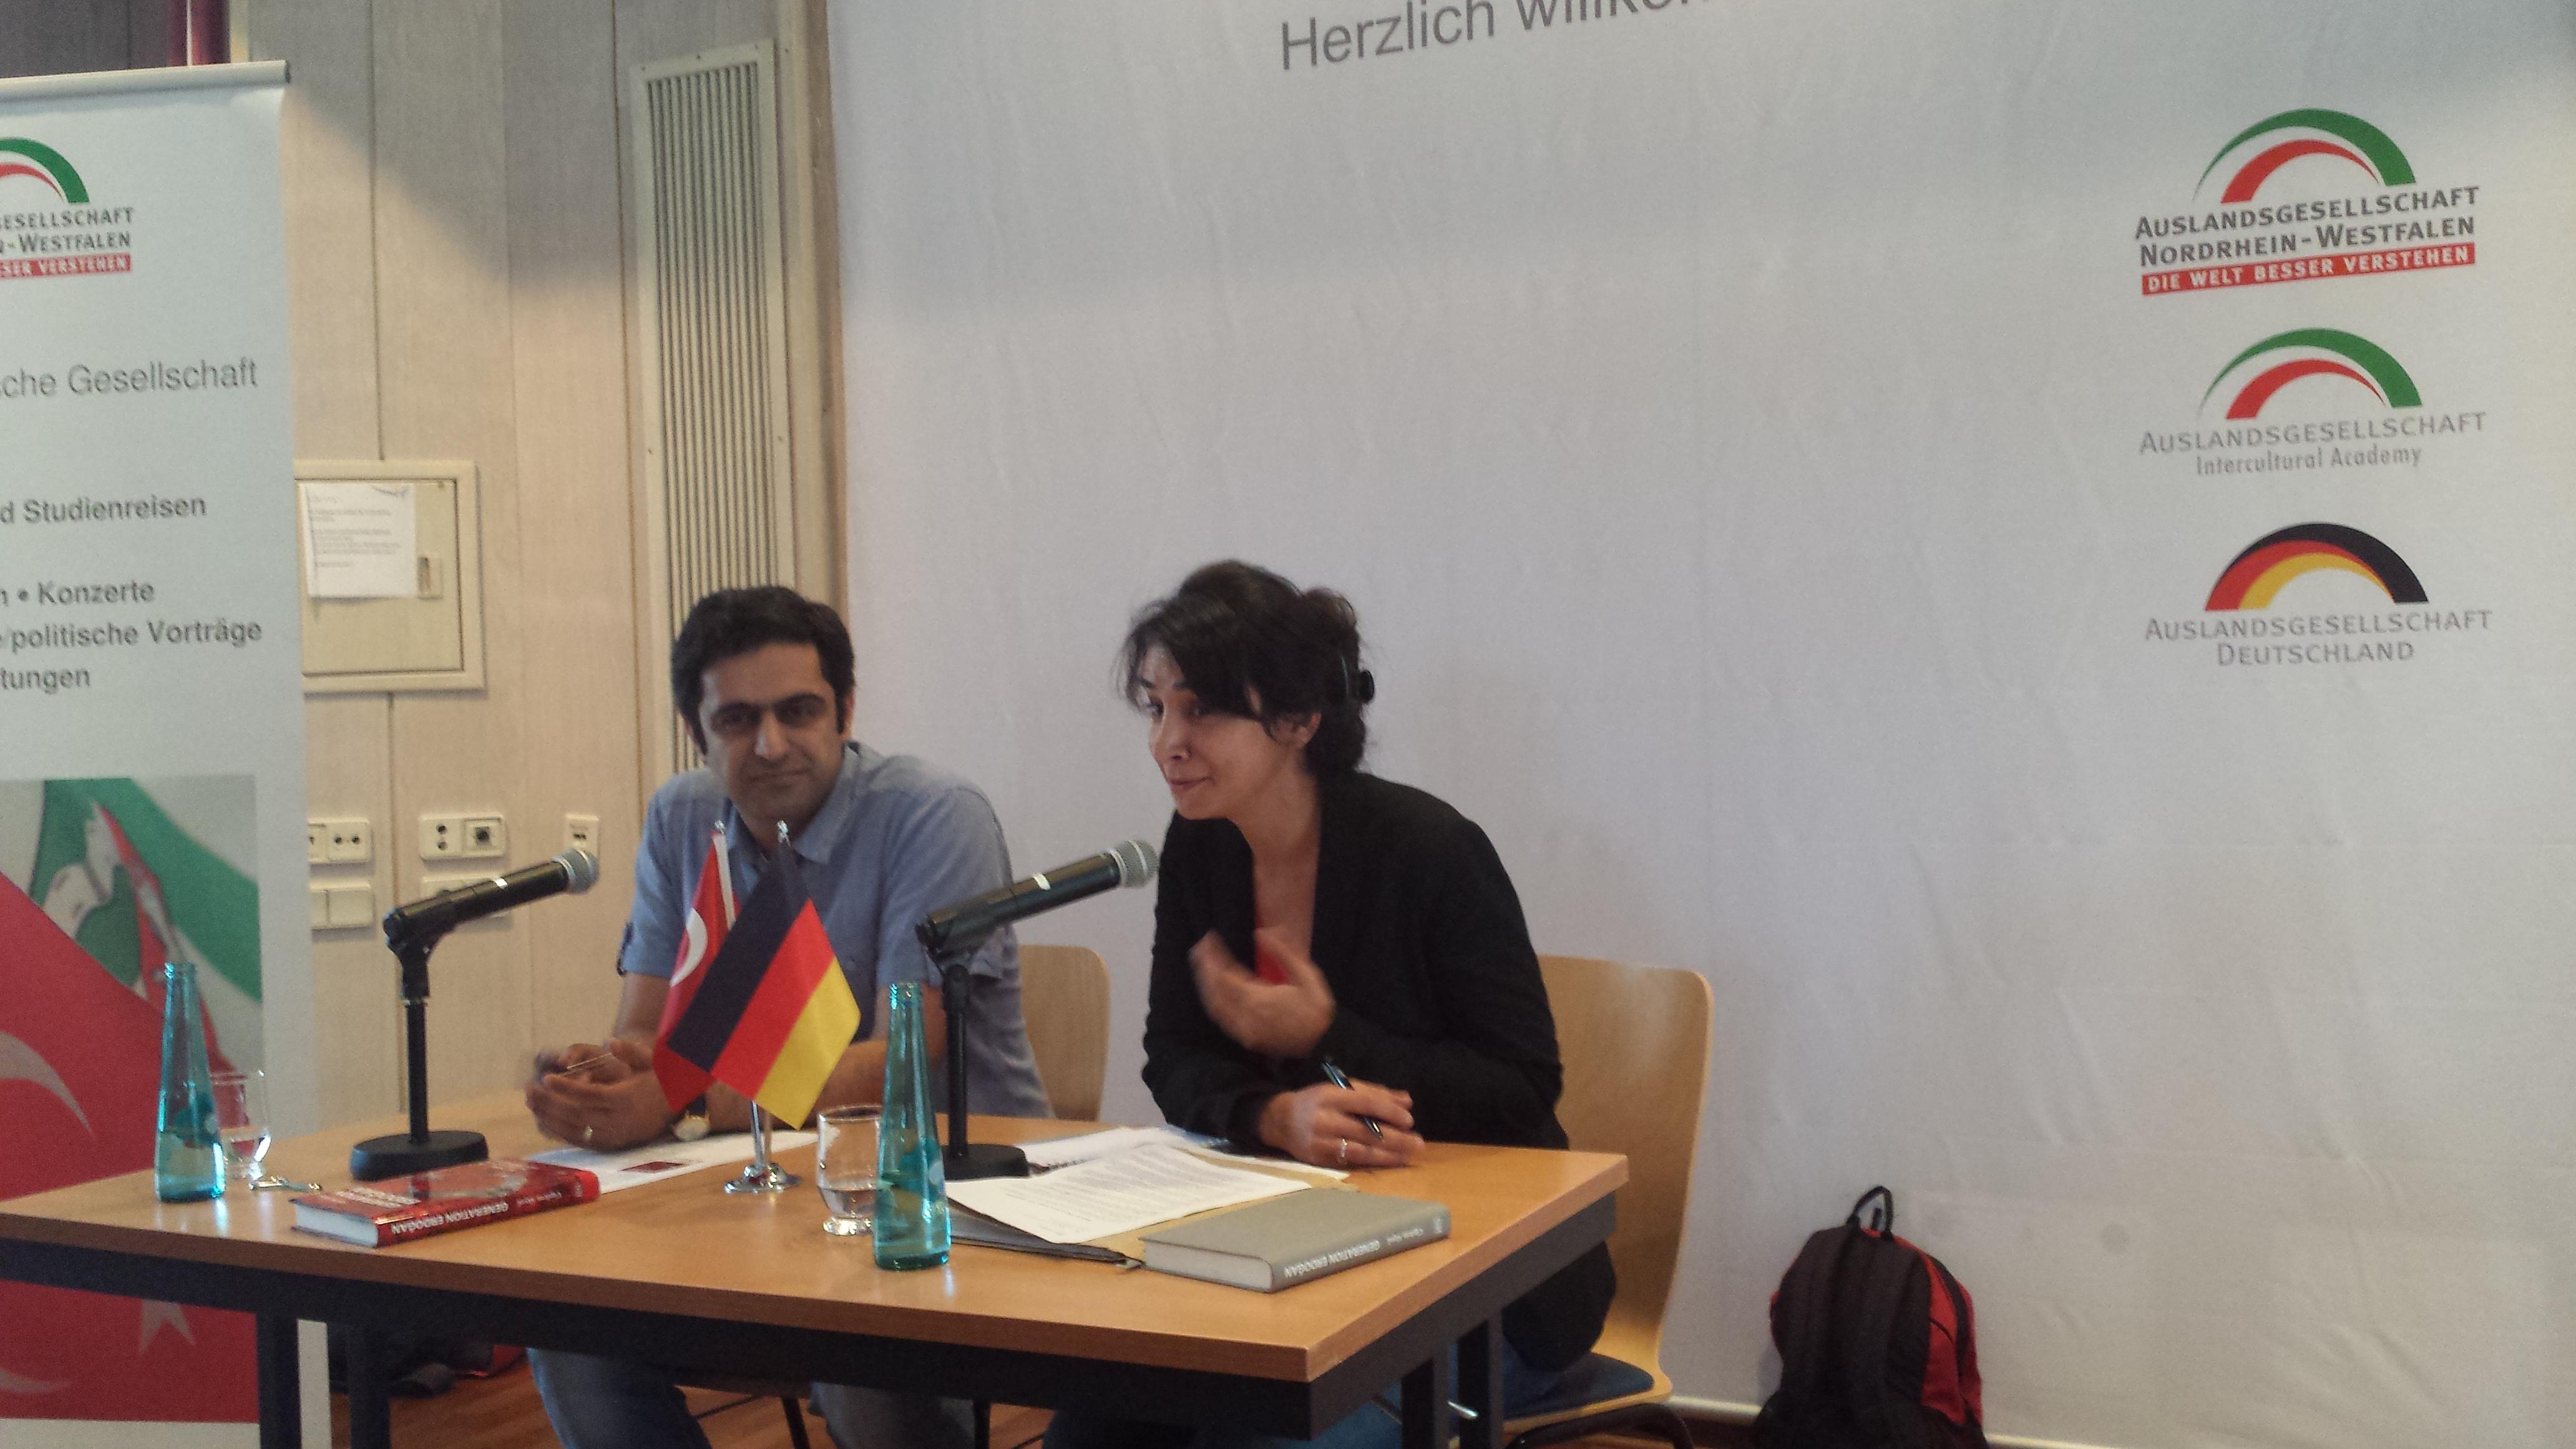 Cigdem Akyol im Bild rechts neben dem Moderator des Abends; Foto: C.-D.Stille